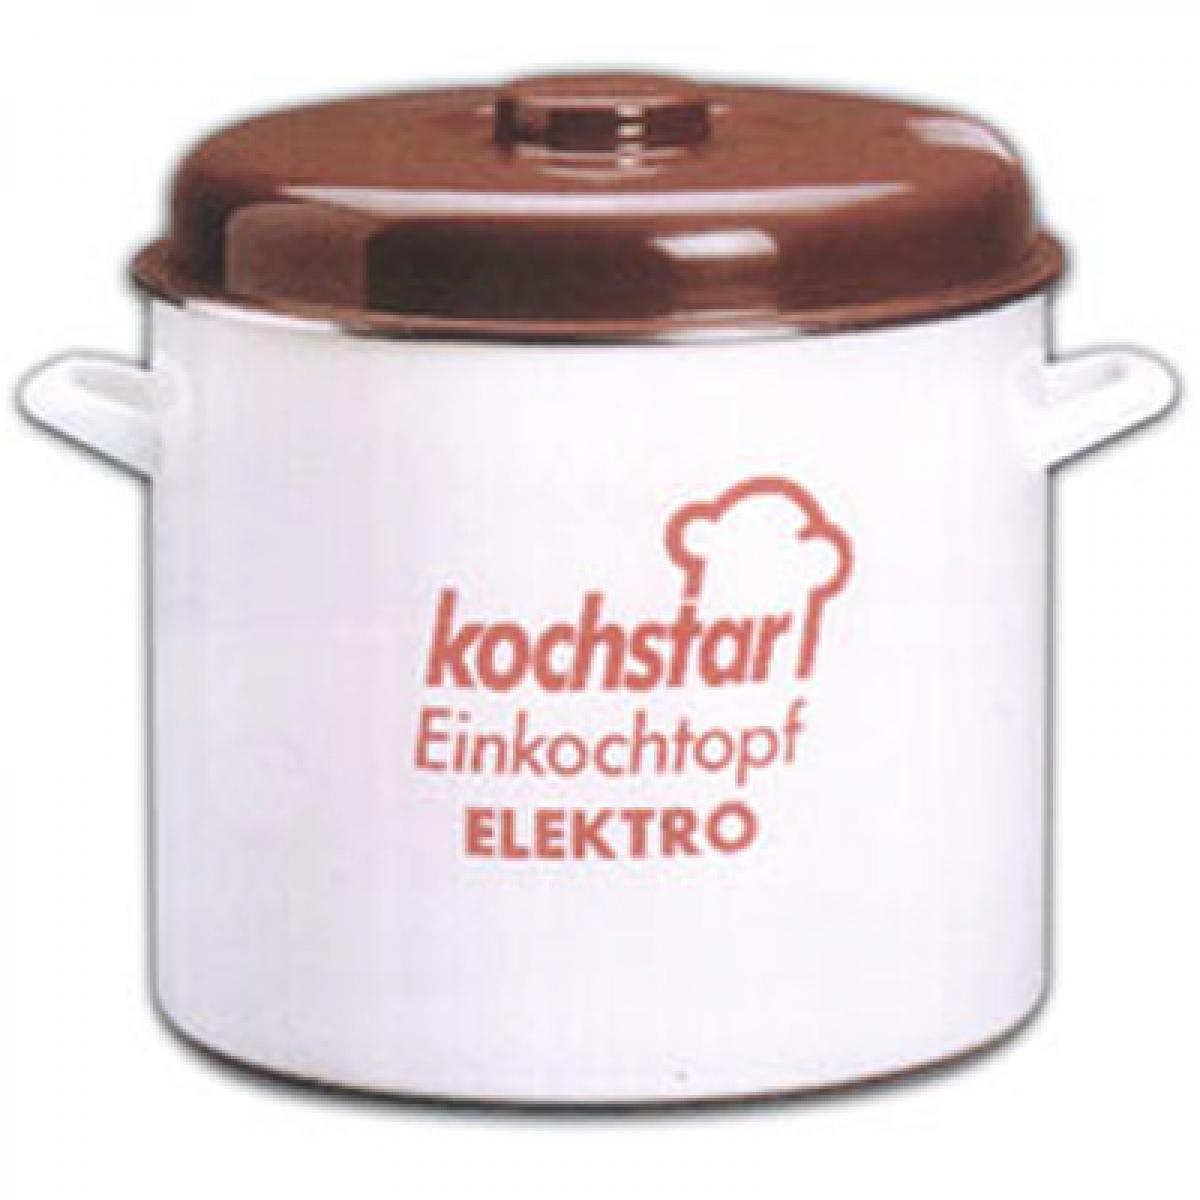 Kochstar kochstar - 00/446306